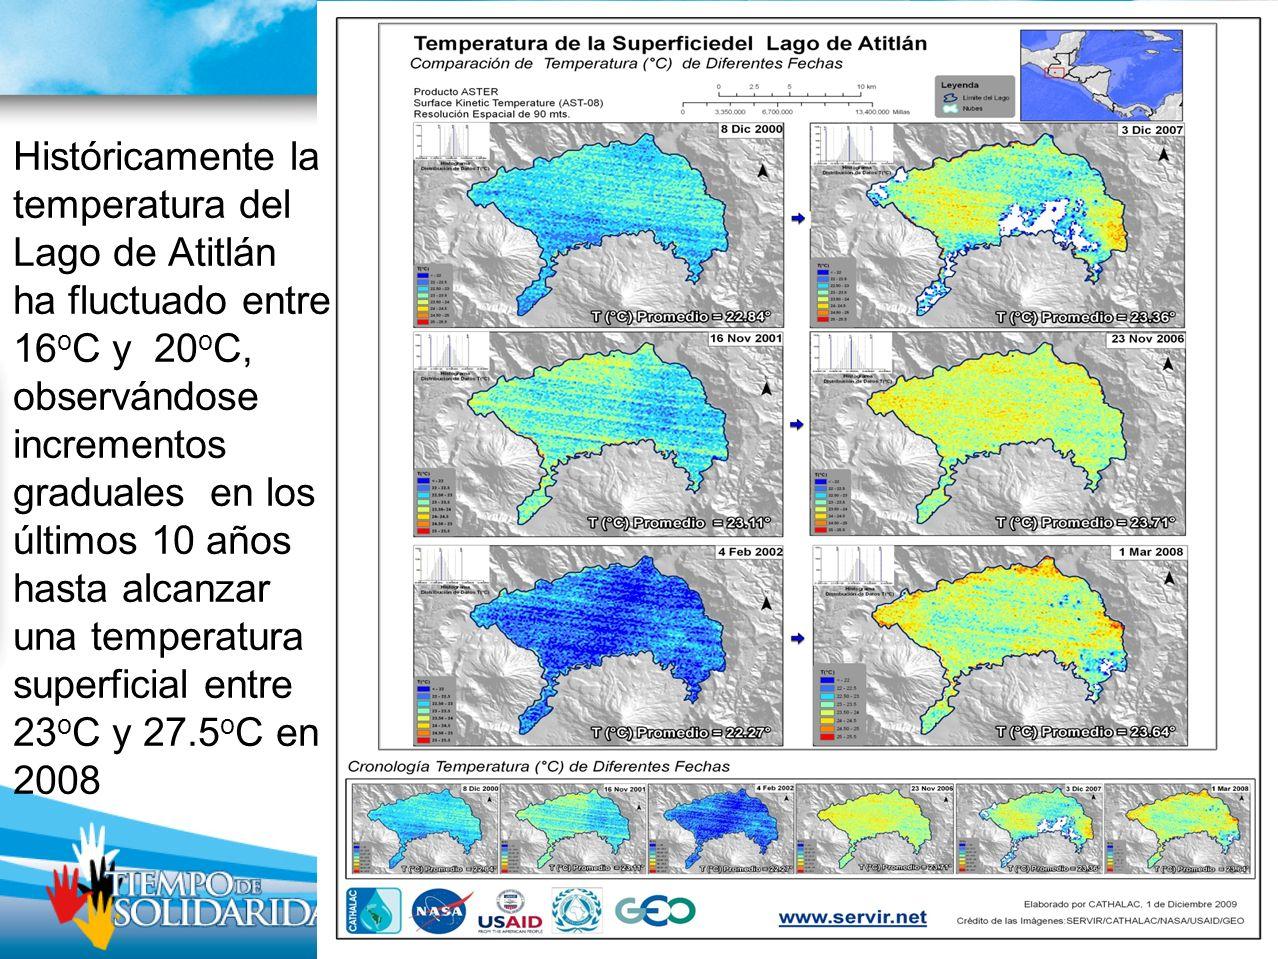 Históricamente la temperatura del Lago de Atitlán ha fluctuado entre 16 o C y 20 o C, observándose incrementos graduales en los últimos 10 años hasta